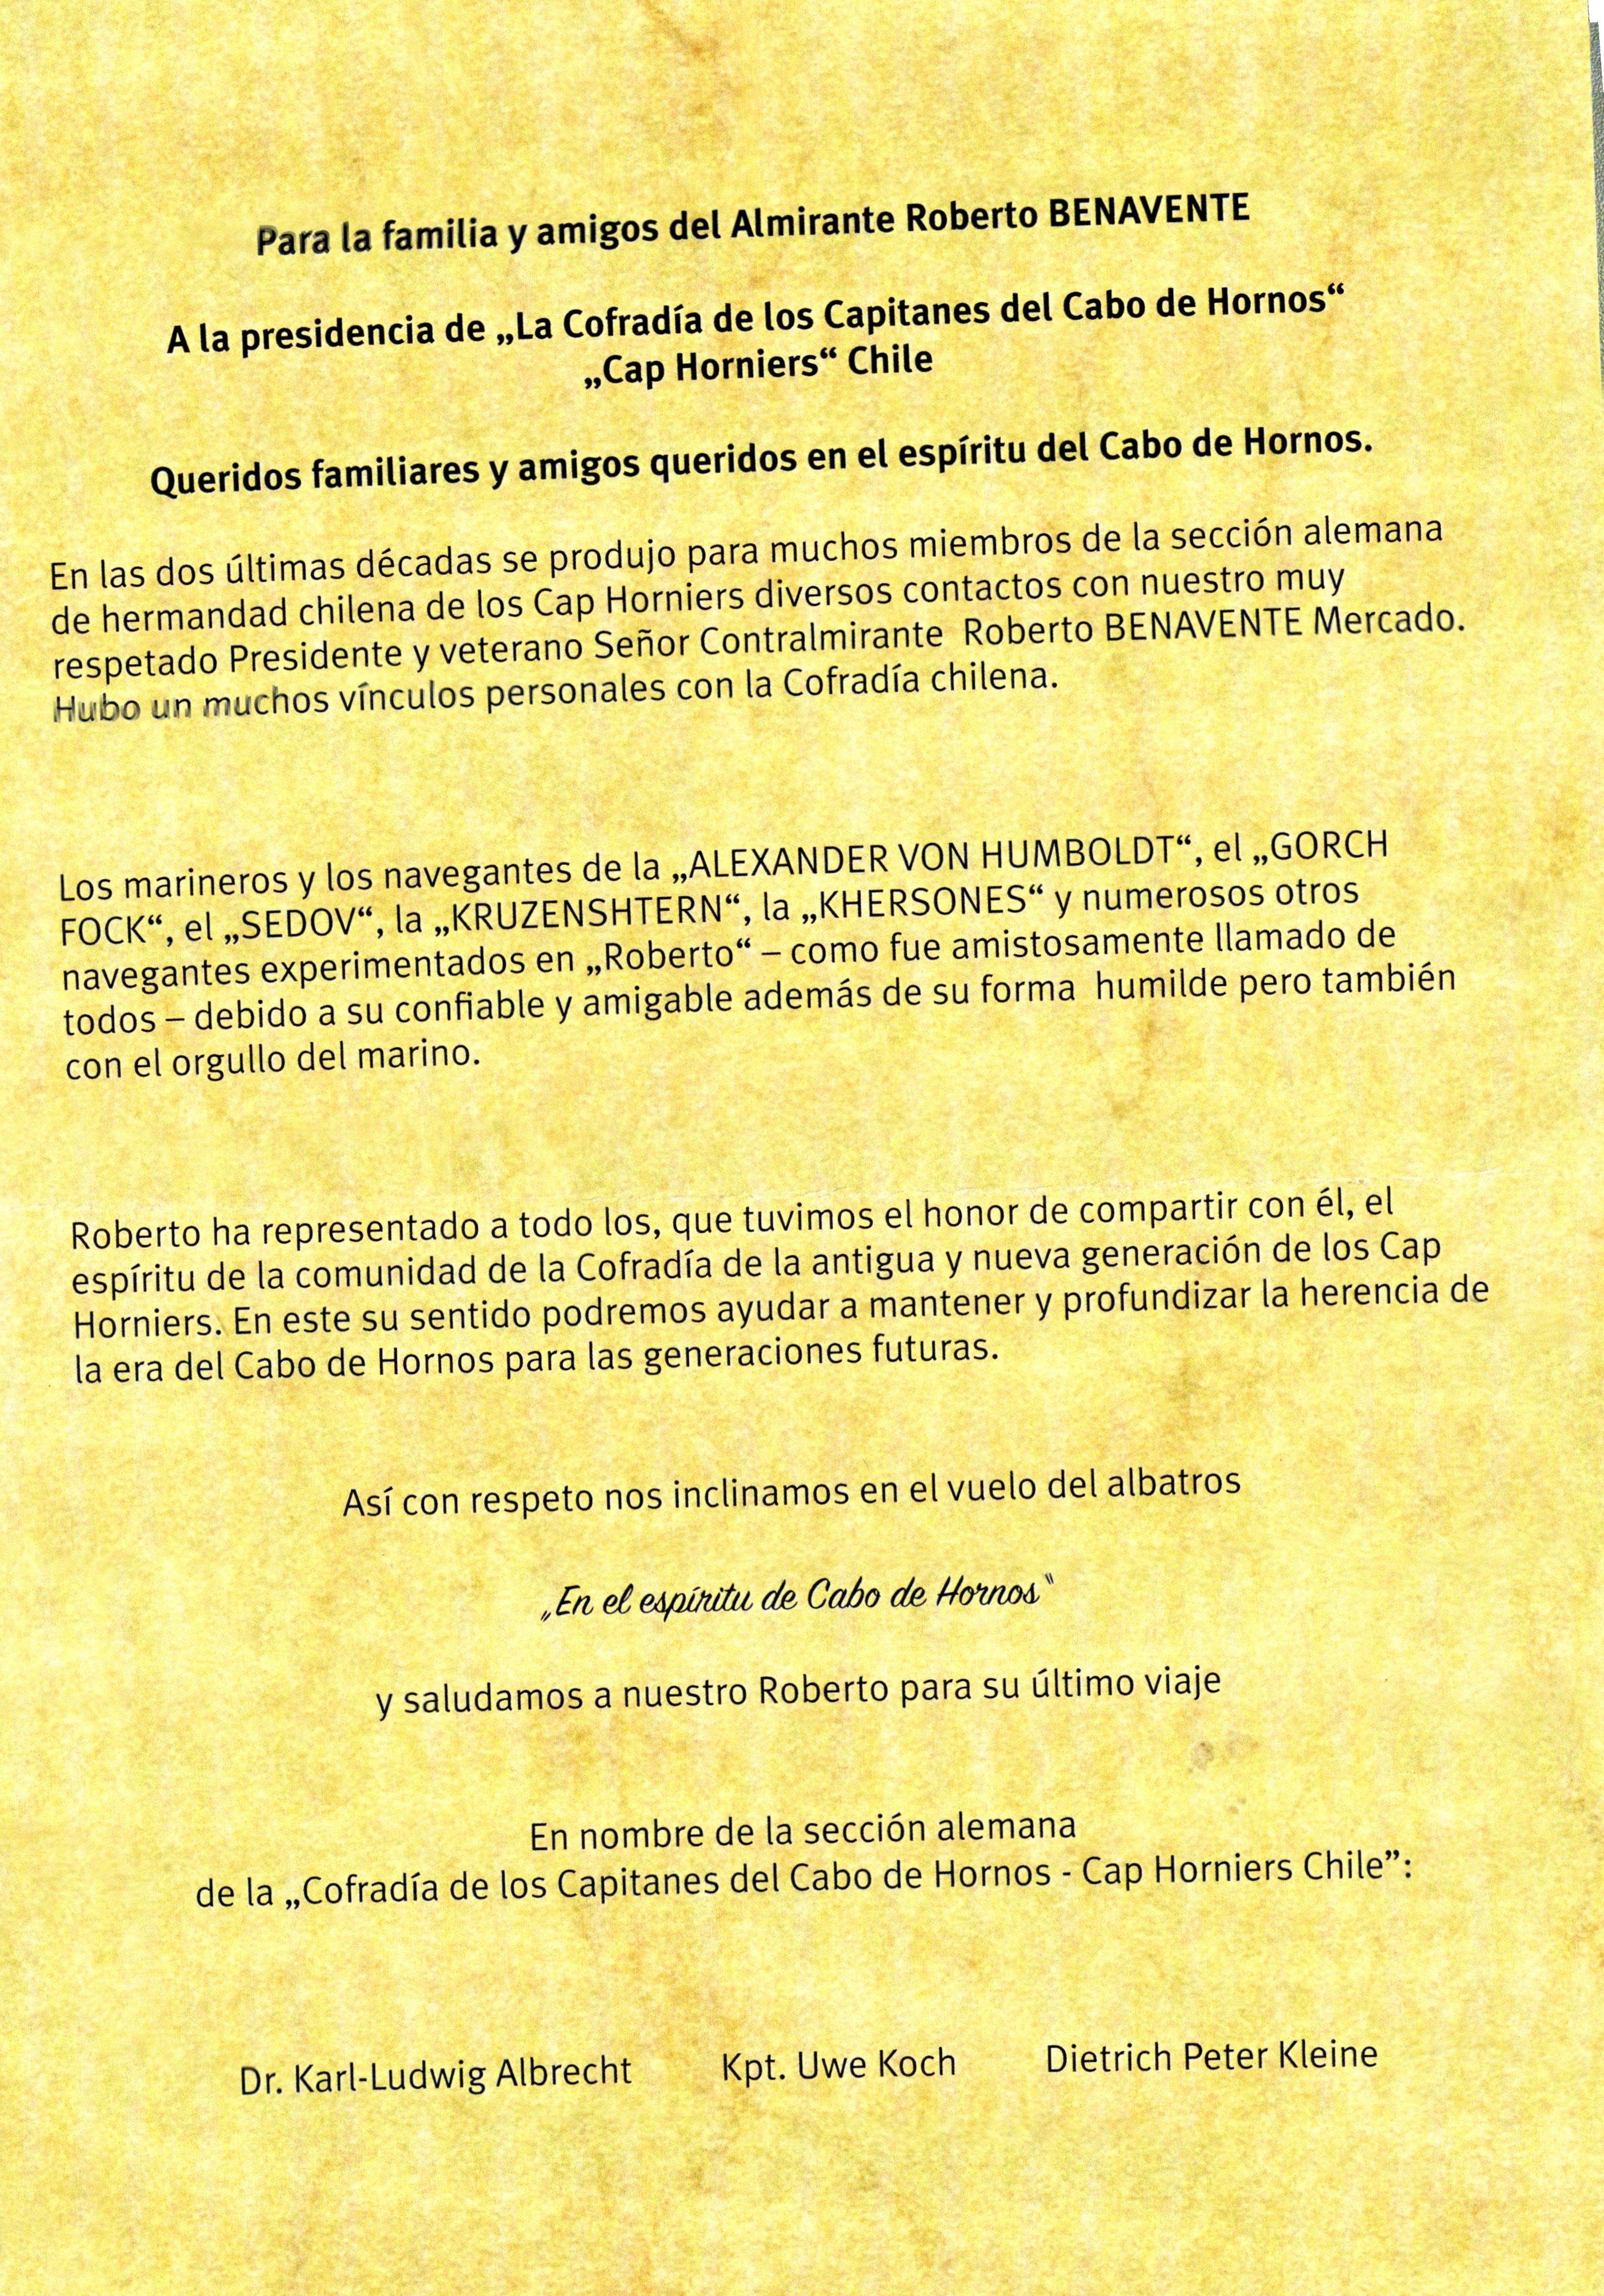 HOMENAJE DE NUESTRA SECCIÓN ALEMANA AL CONTRAALMIRANTE ROBERTO BENAVENTE MERCADO (QEPD)